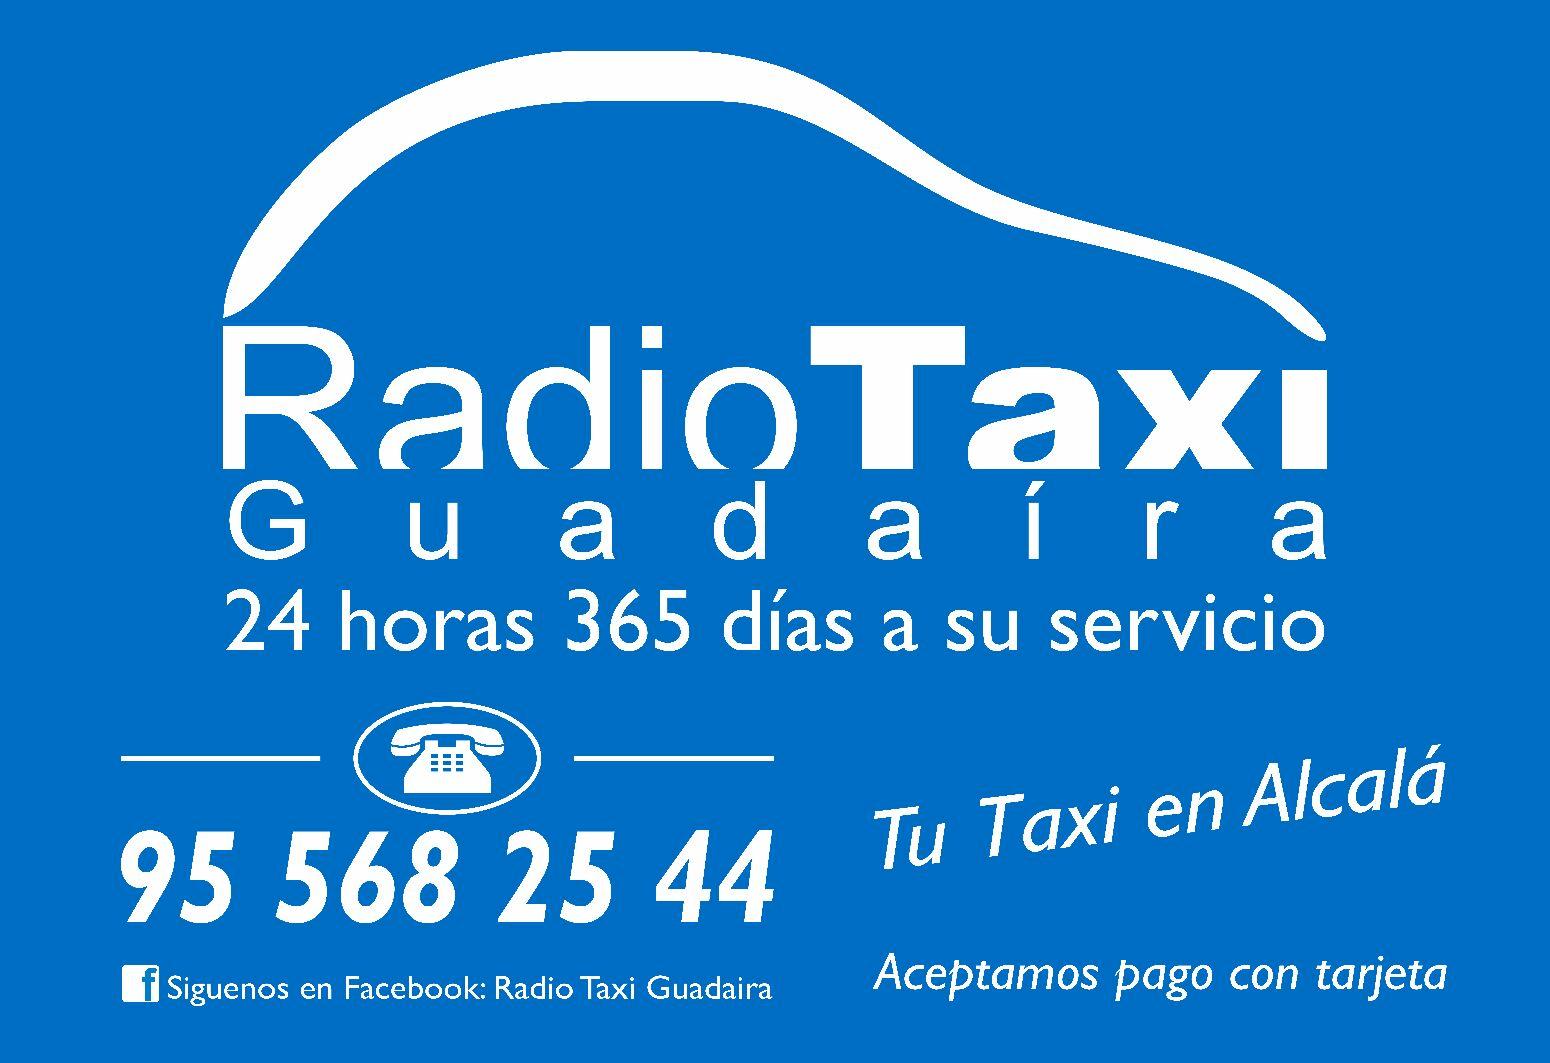 Radio Taxi De Guadaira